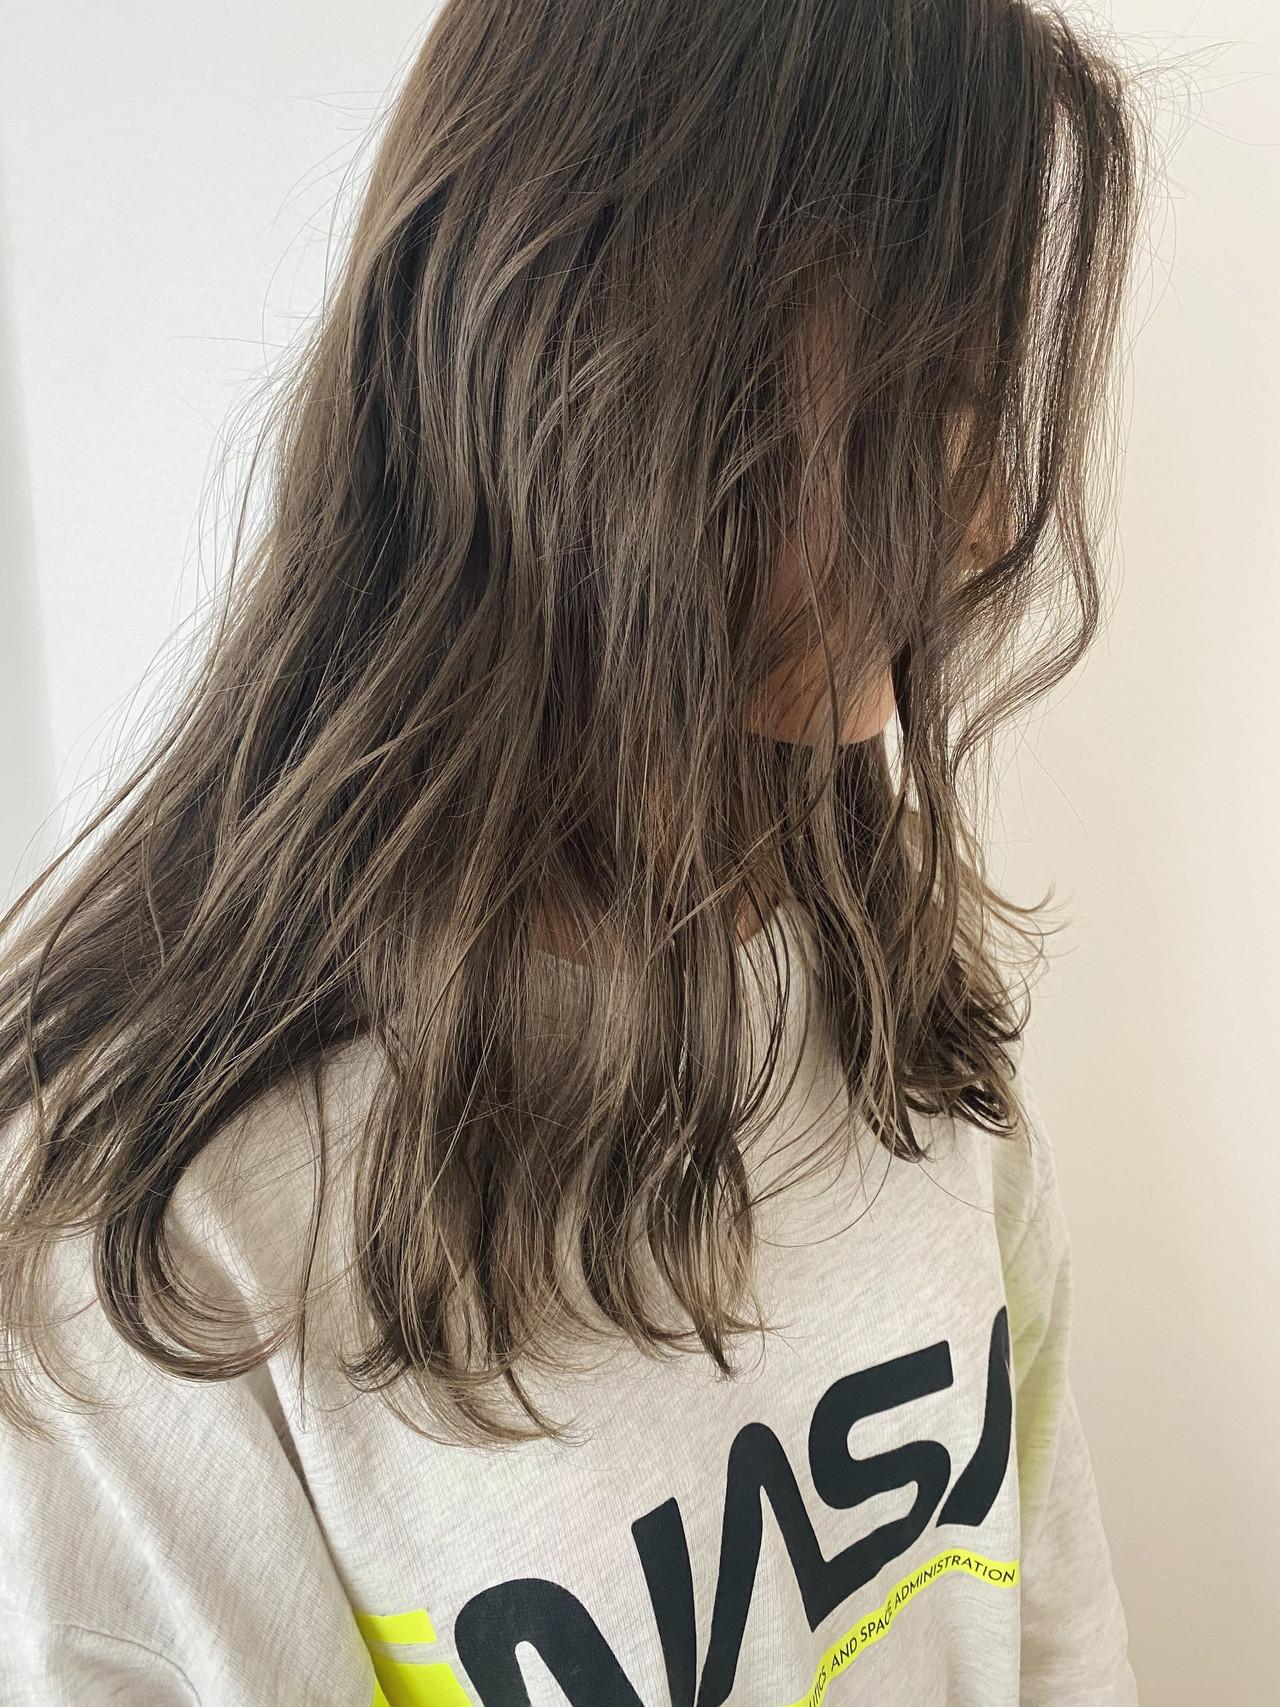 セミロング グレージュ ストリート ブリーチオンカラー ヘアスタイルや髪型の写真・画像